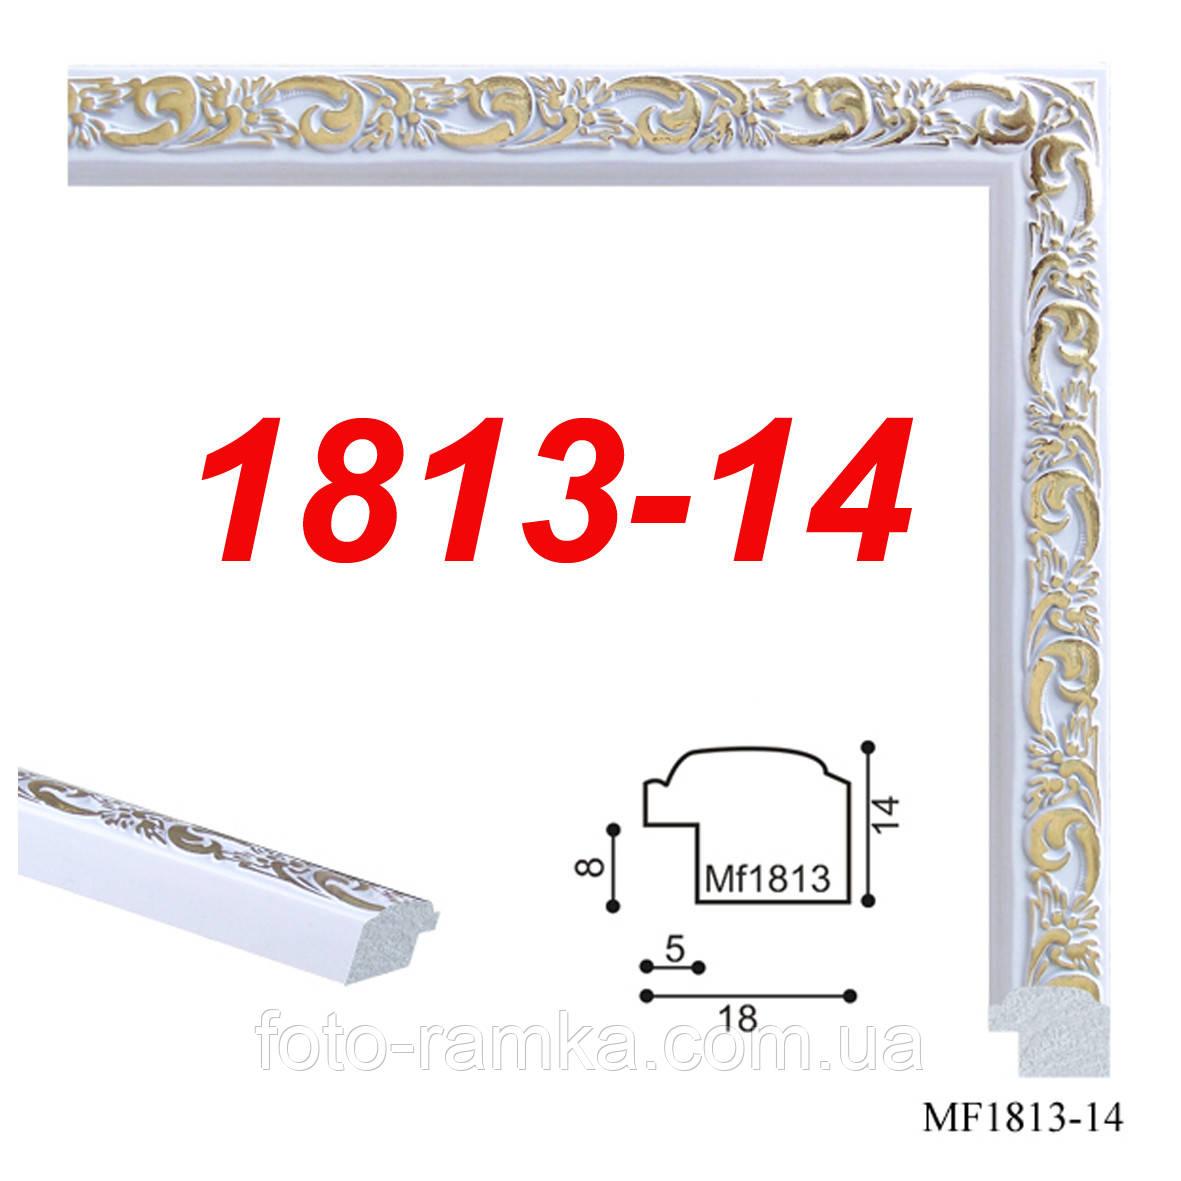 Фоторамка 10х15 1813